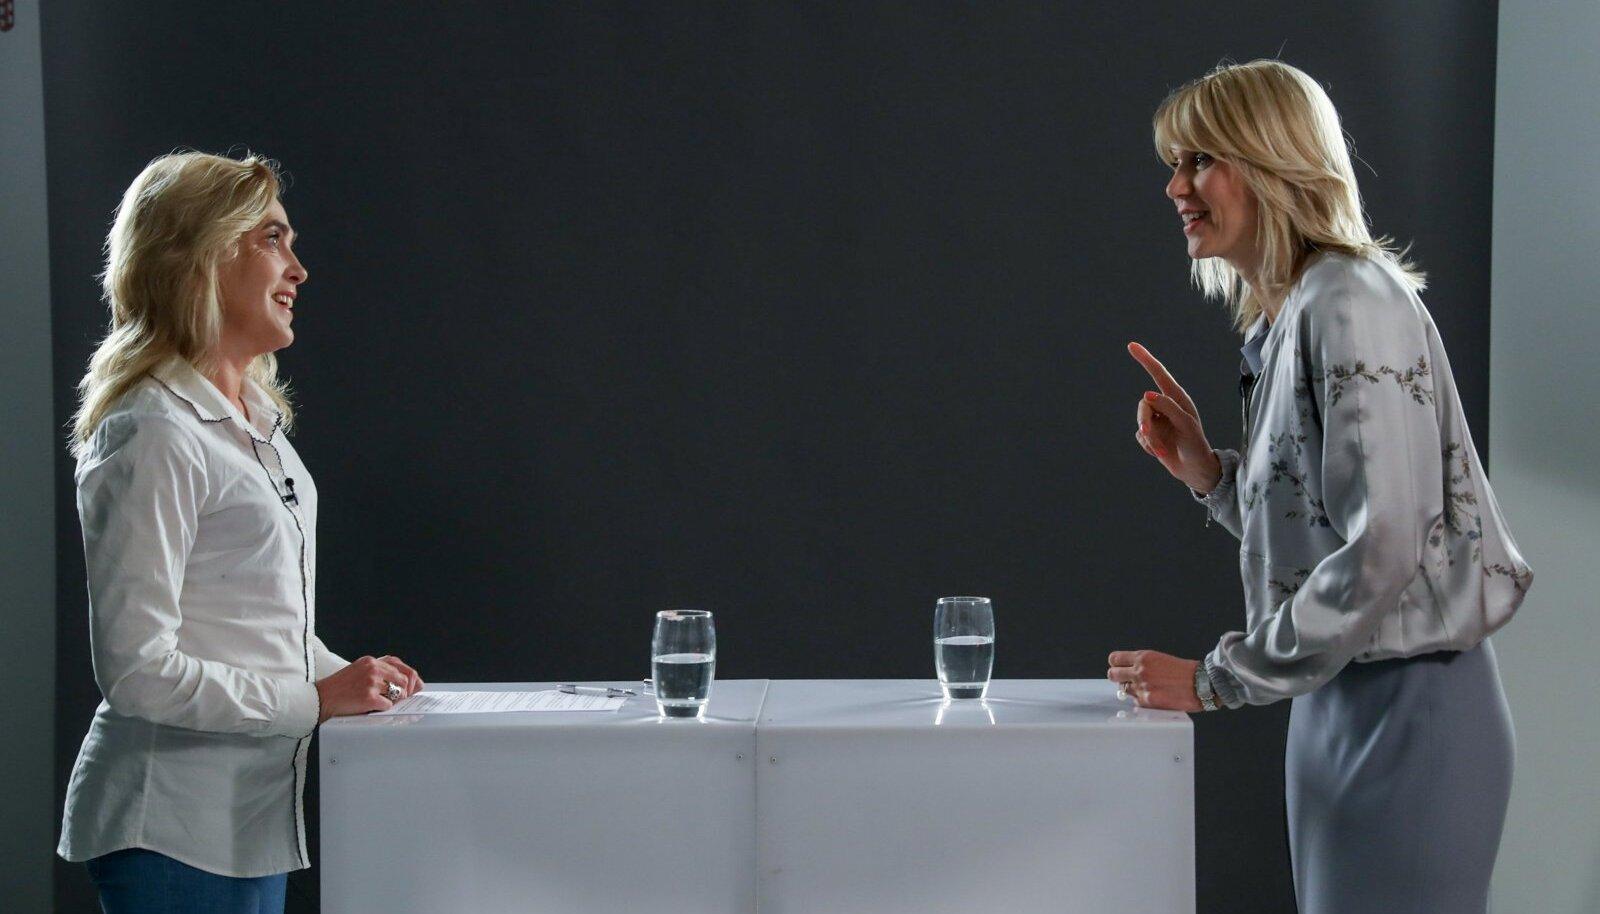 """""""Käsi südamel, ma ei ole Jüri Ratasega kordagi arutanud teemat, kas ma võiksin juhtida mõnda riigiettevõtet või tuleksin tagasi poliitikasse,"""" ütles Urve Palo."""